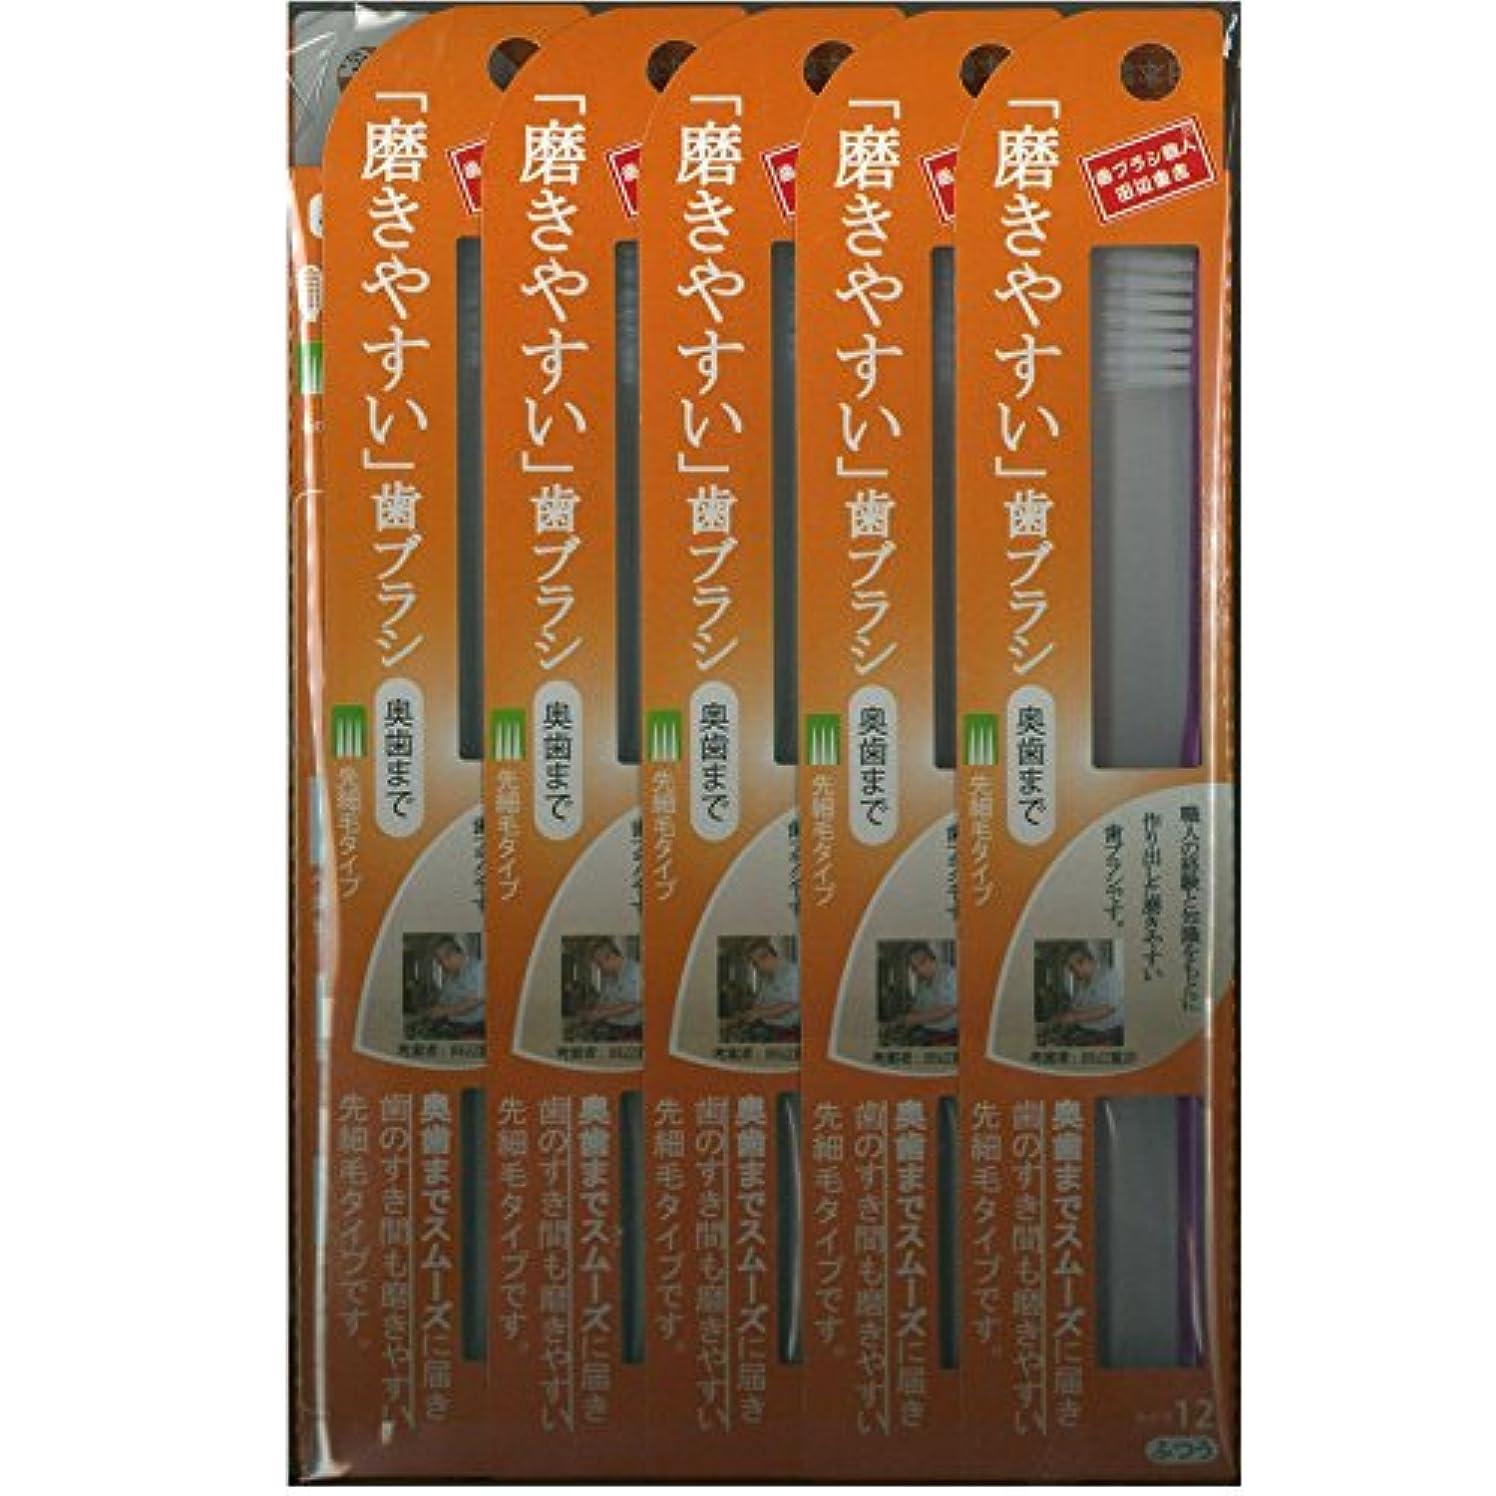 落胆するペース憂慮すべき磨きやすい歯ブラシ(奥歯まで)先細 LT-12×12本セット( ピンク×4本、ブルー×4本、グリーン×2本、パープル×2本)